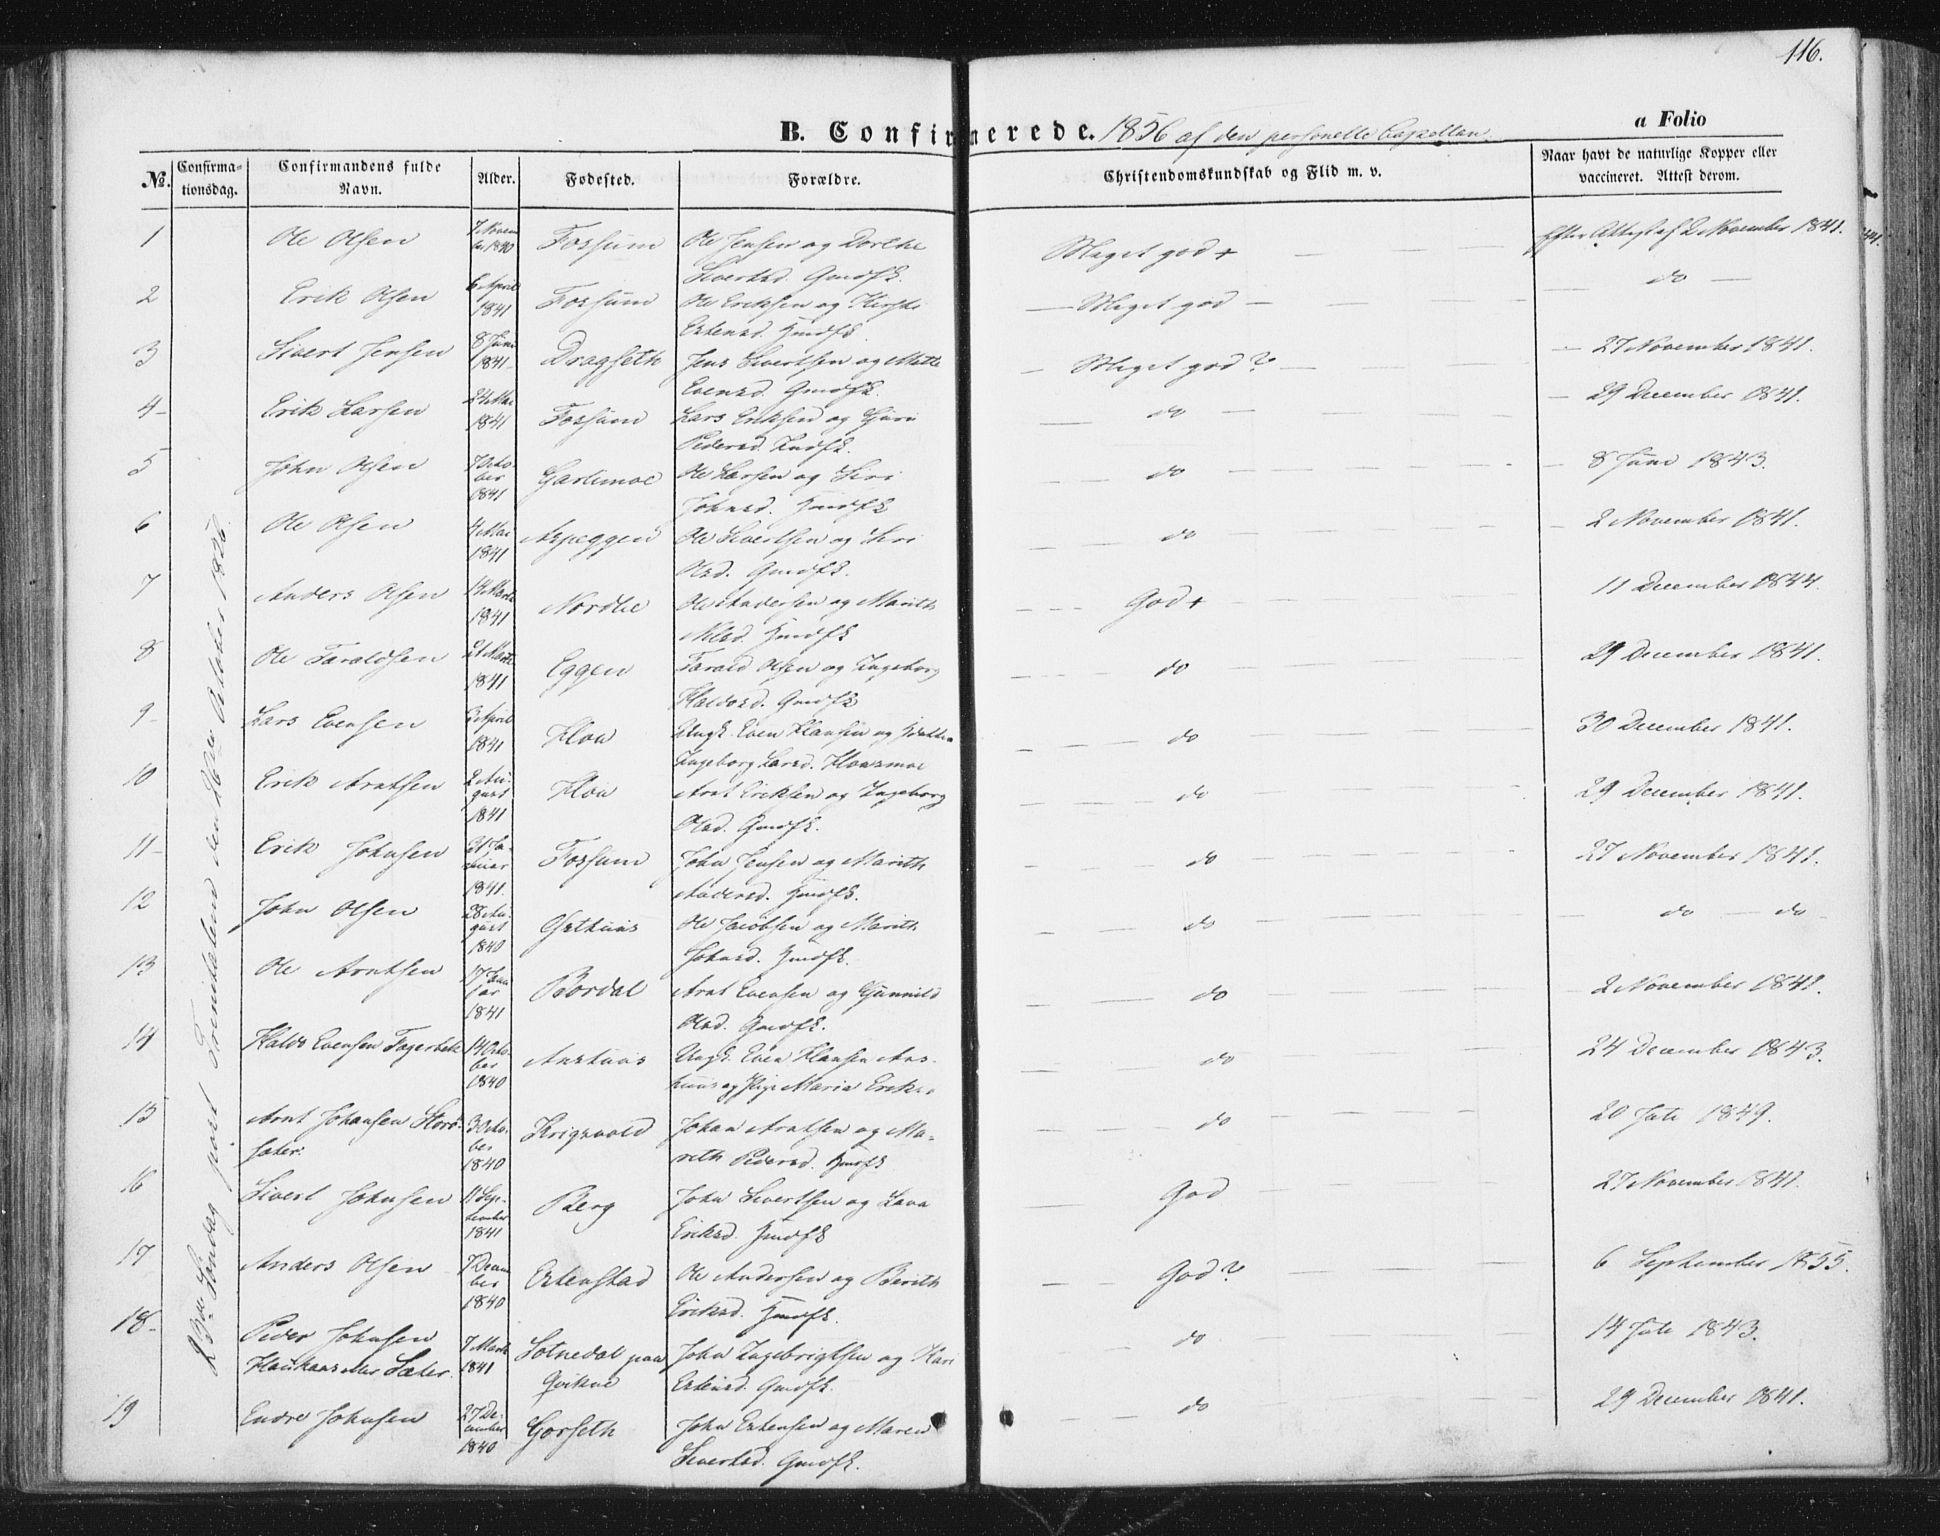 SAT, Ministerialprotokoller, klokkerbøker og fødselsregistre - Sør-Trøndelag, 689/L1038: Ministerialbok nr. 689A03, 1848-1872, s. 116